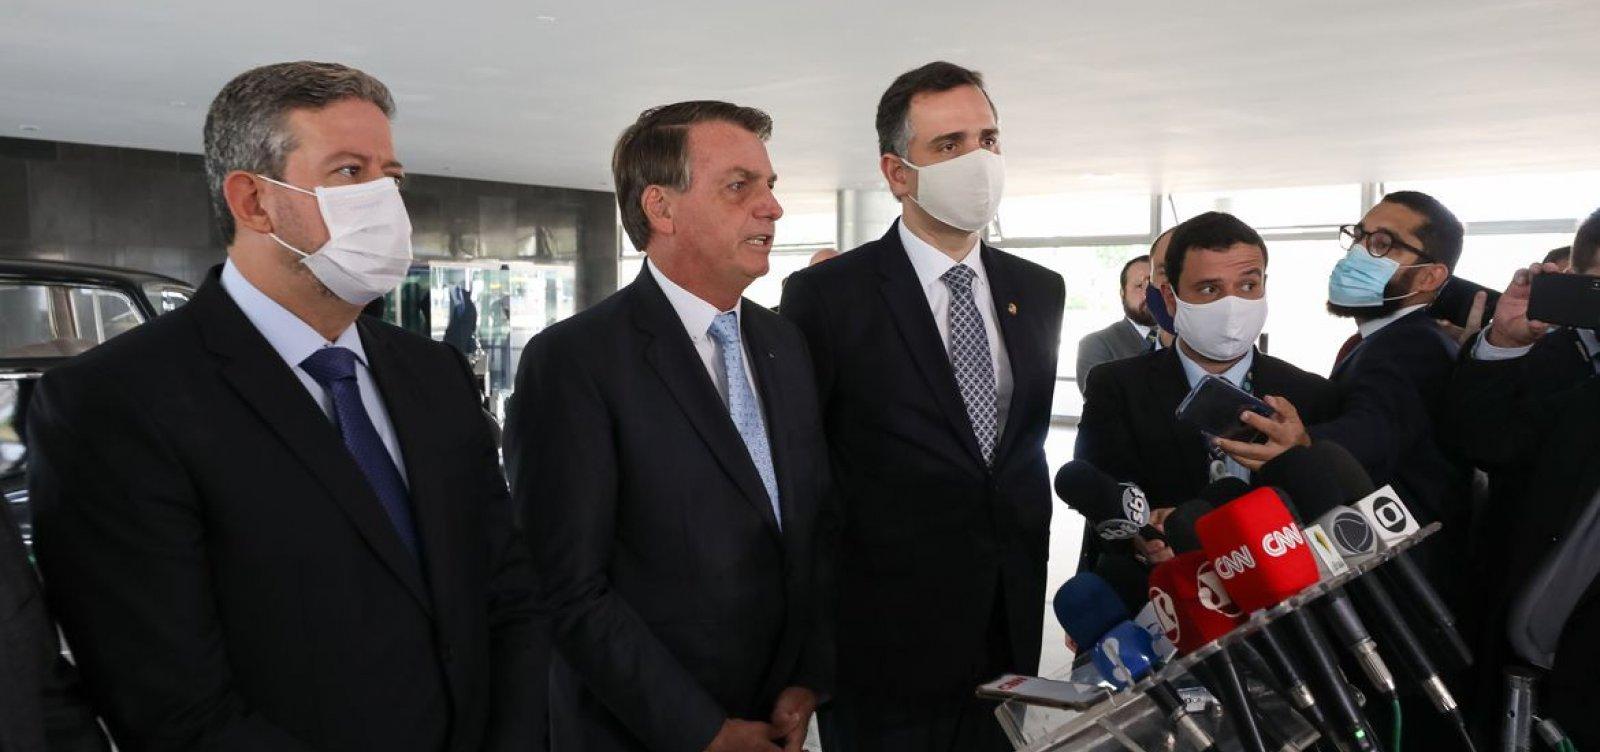 [Bolsonaro inclui em lista enviada ao Congresso prioridade para projetos sobre armas]